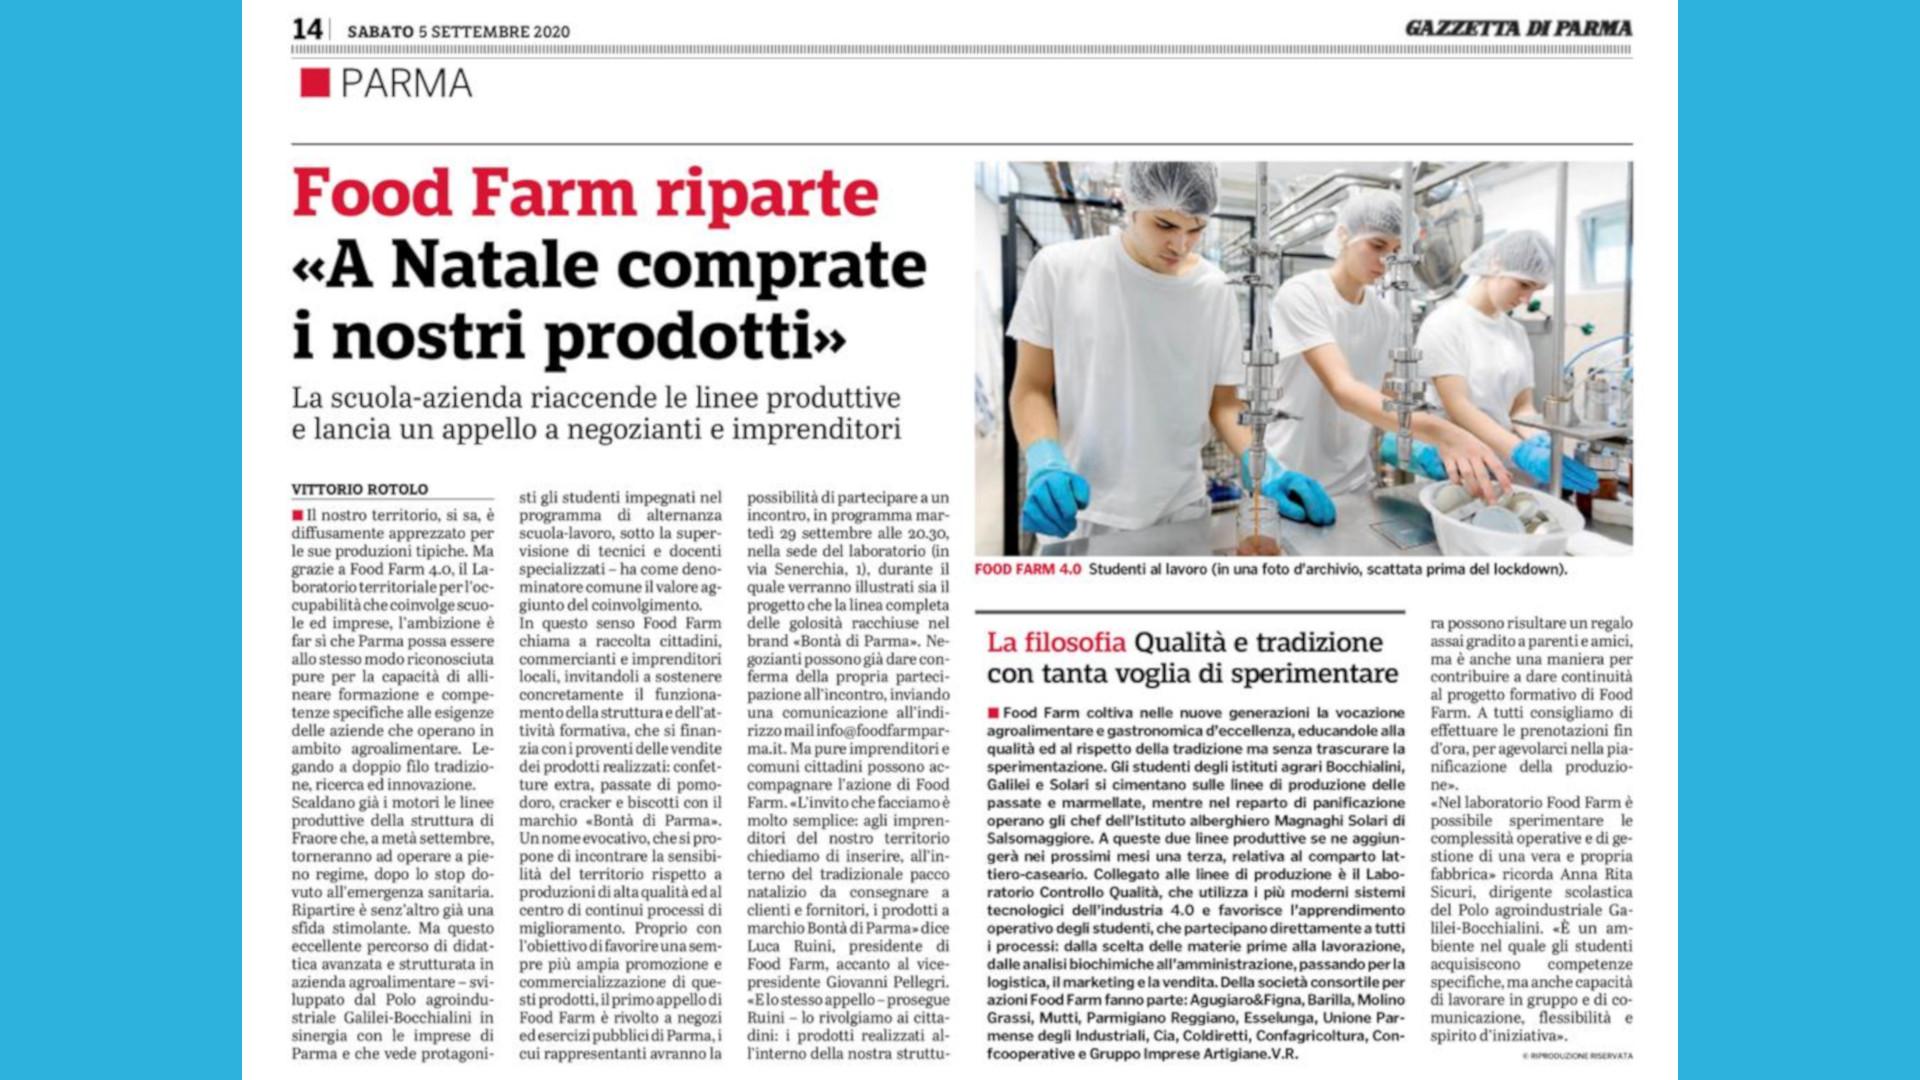 Food Farm: riparte